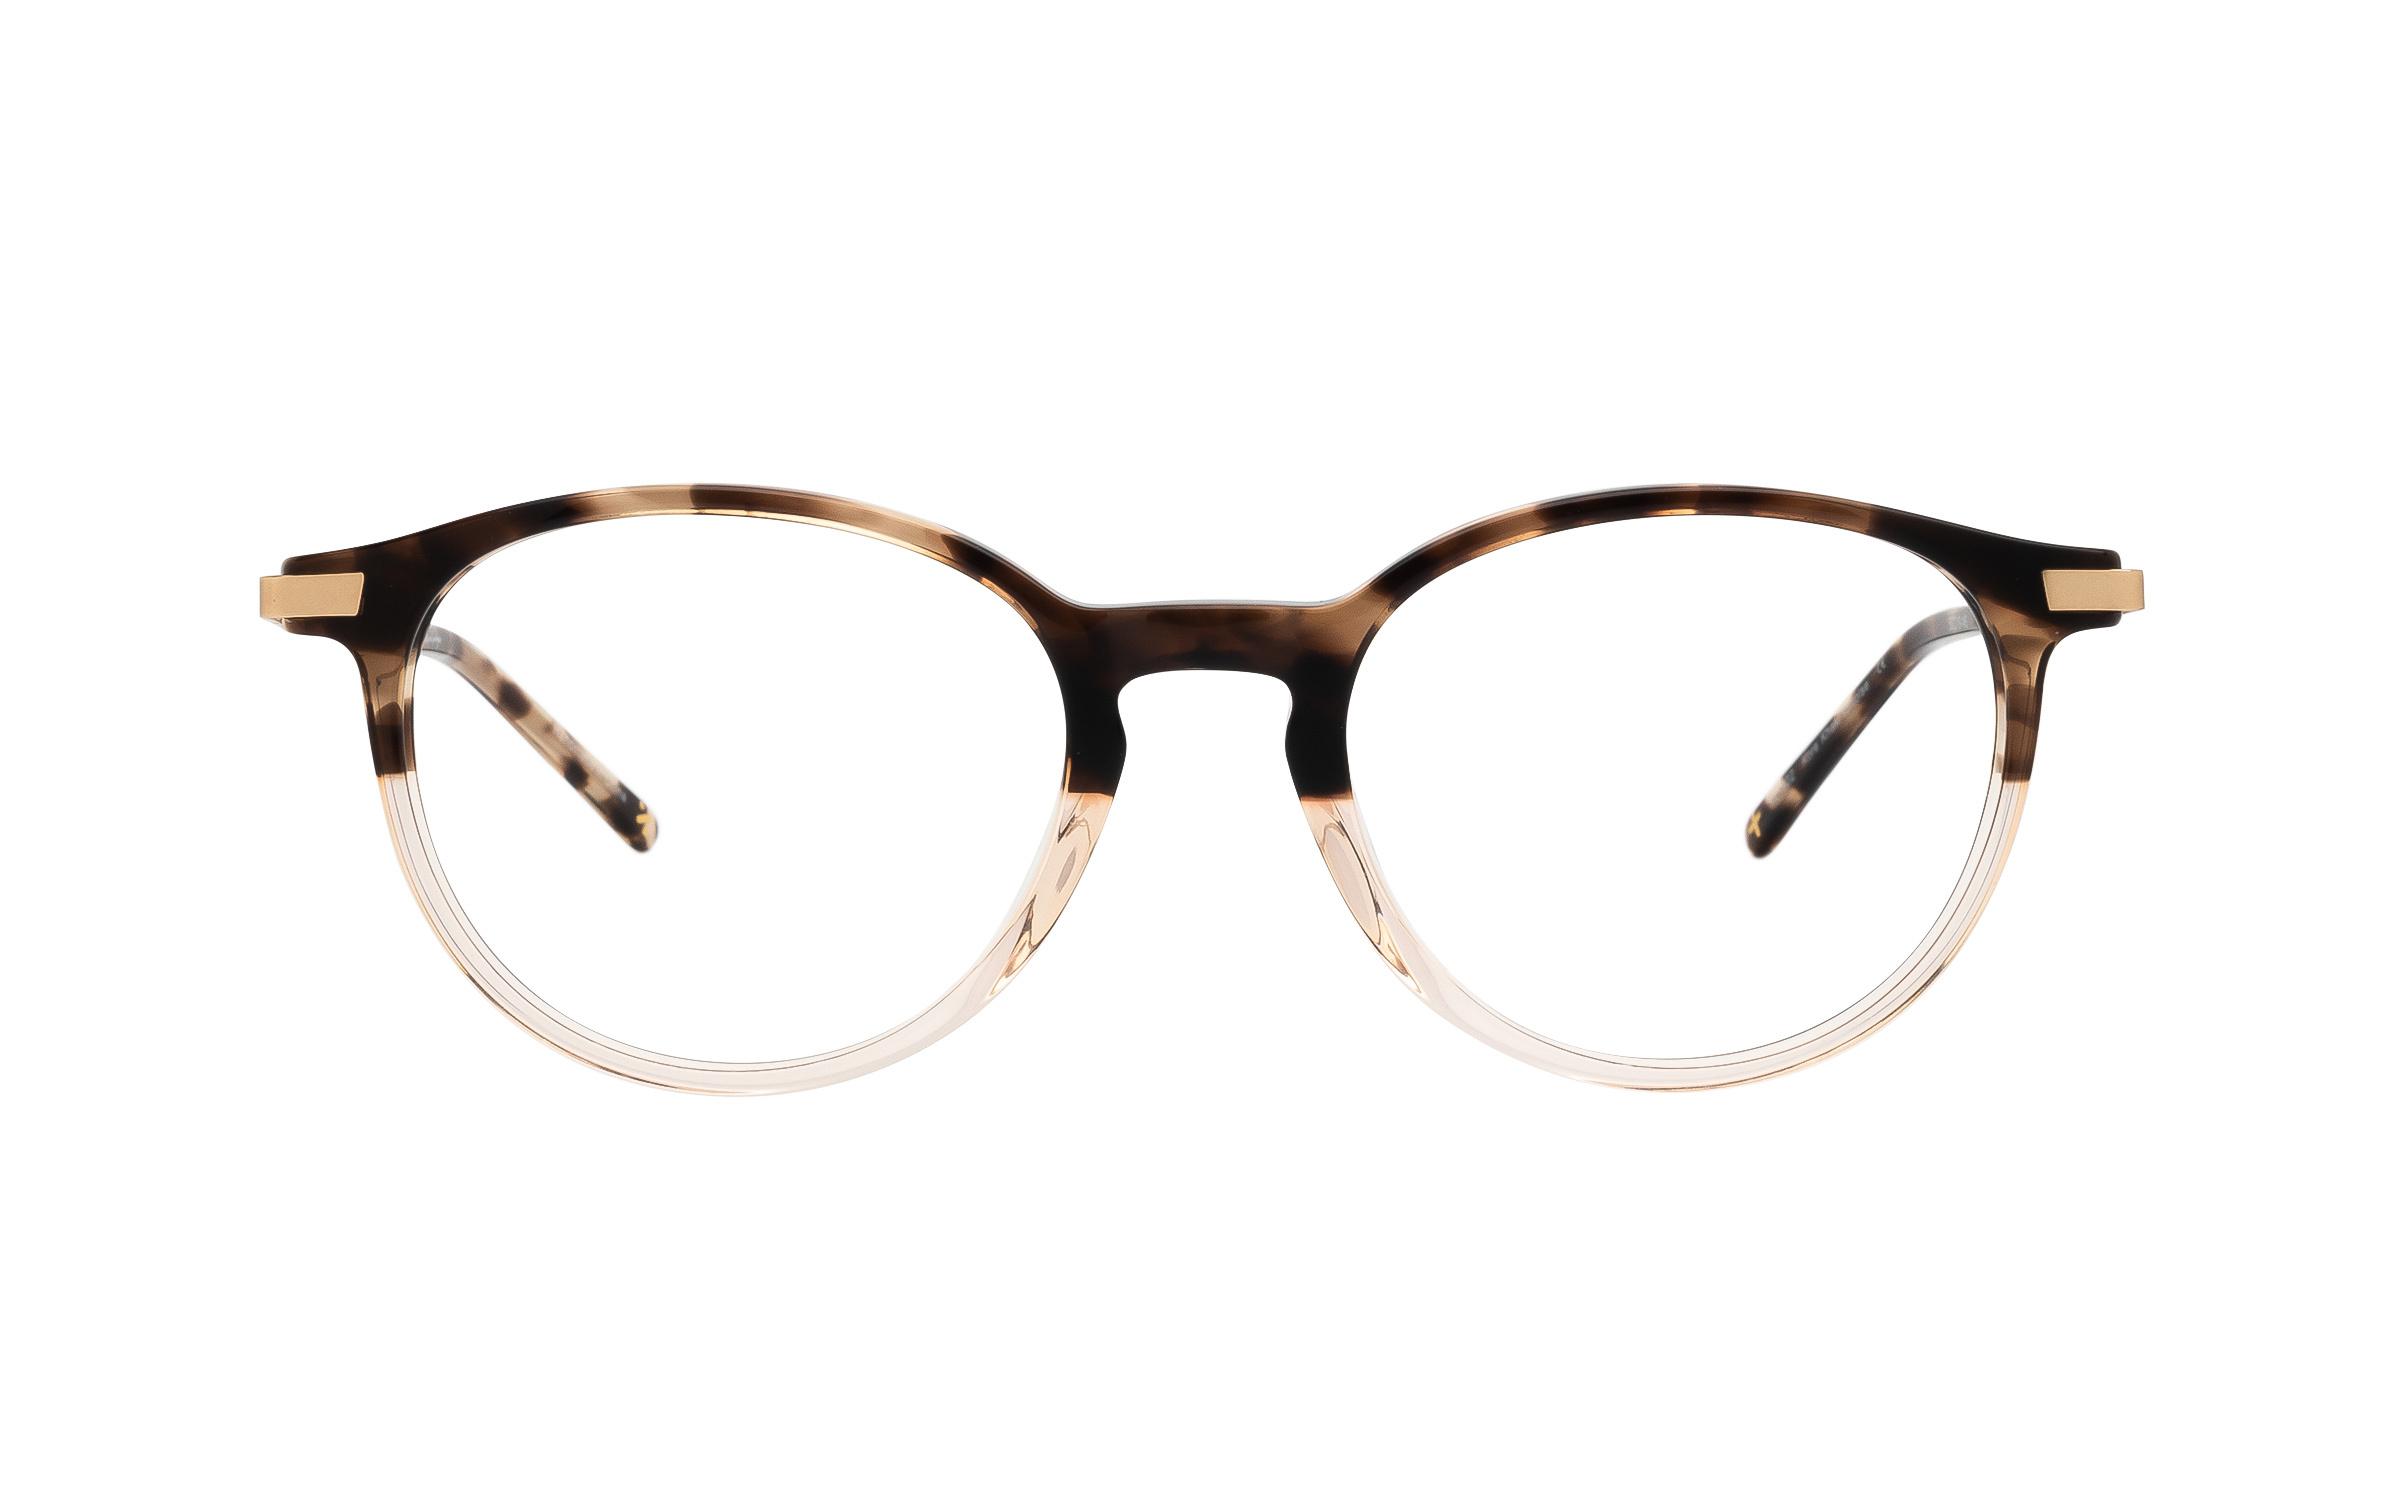 Derek Cardigan Kore (50) Eyeglasses and Frame in Khaki Brown/Tortoise | Acetate/Metal - Online